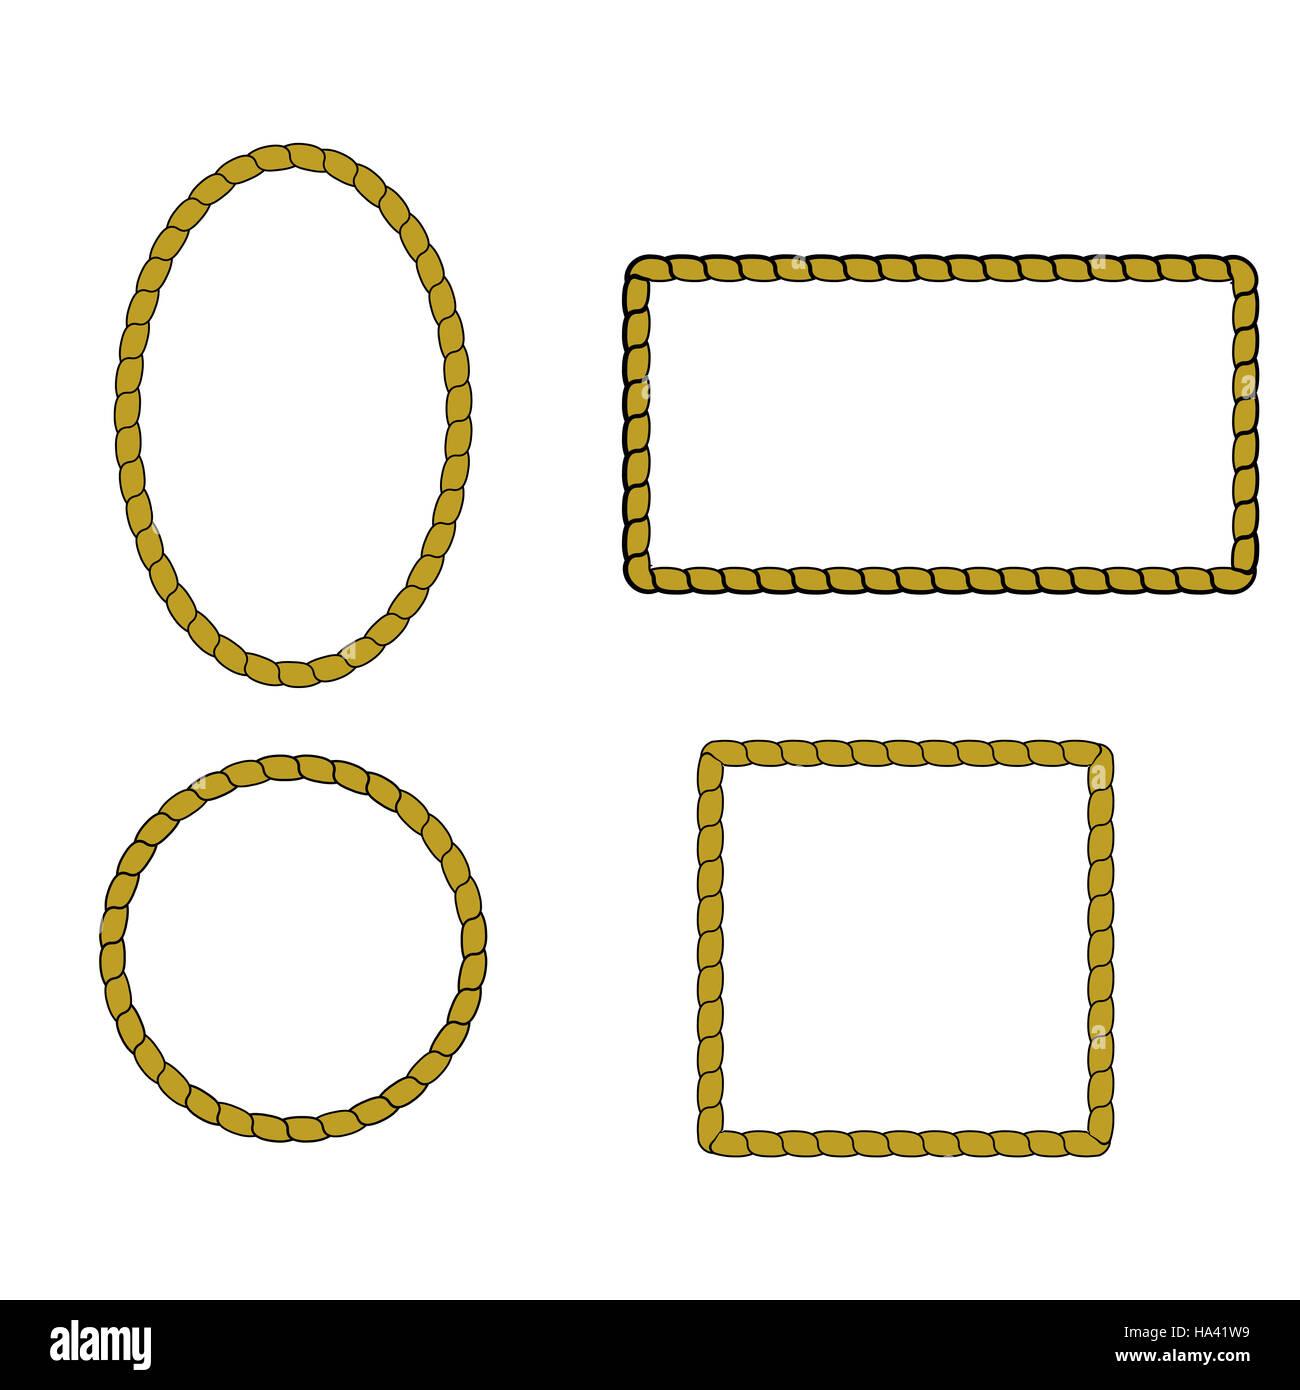 Großartig Halterung Rahmen Vektor Bilder - Benutzerdefinierte ...